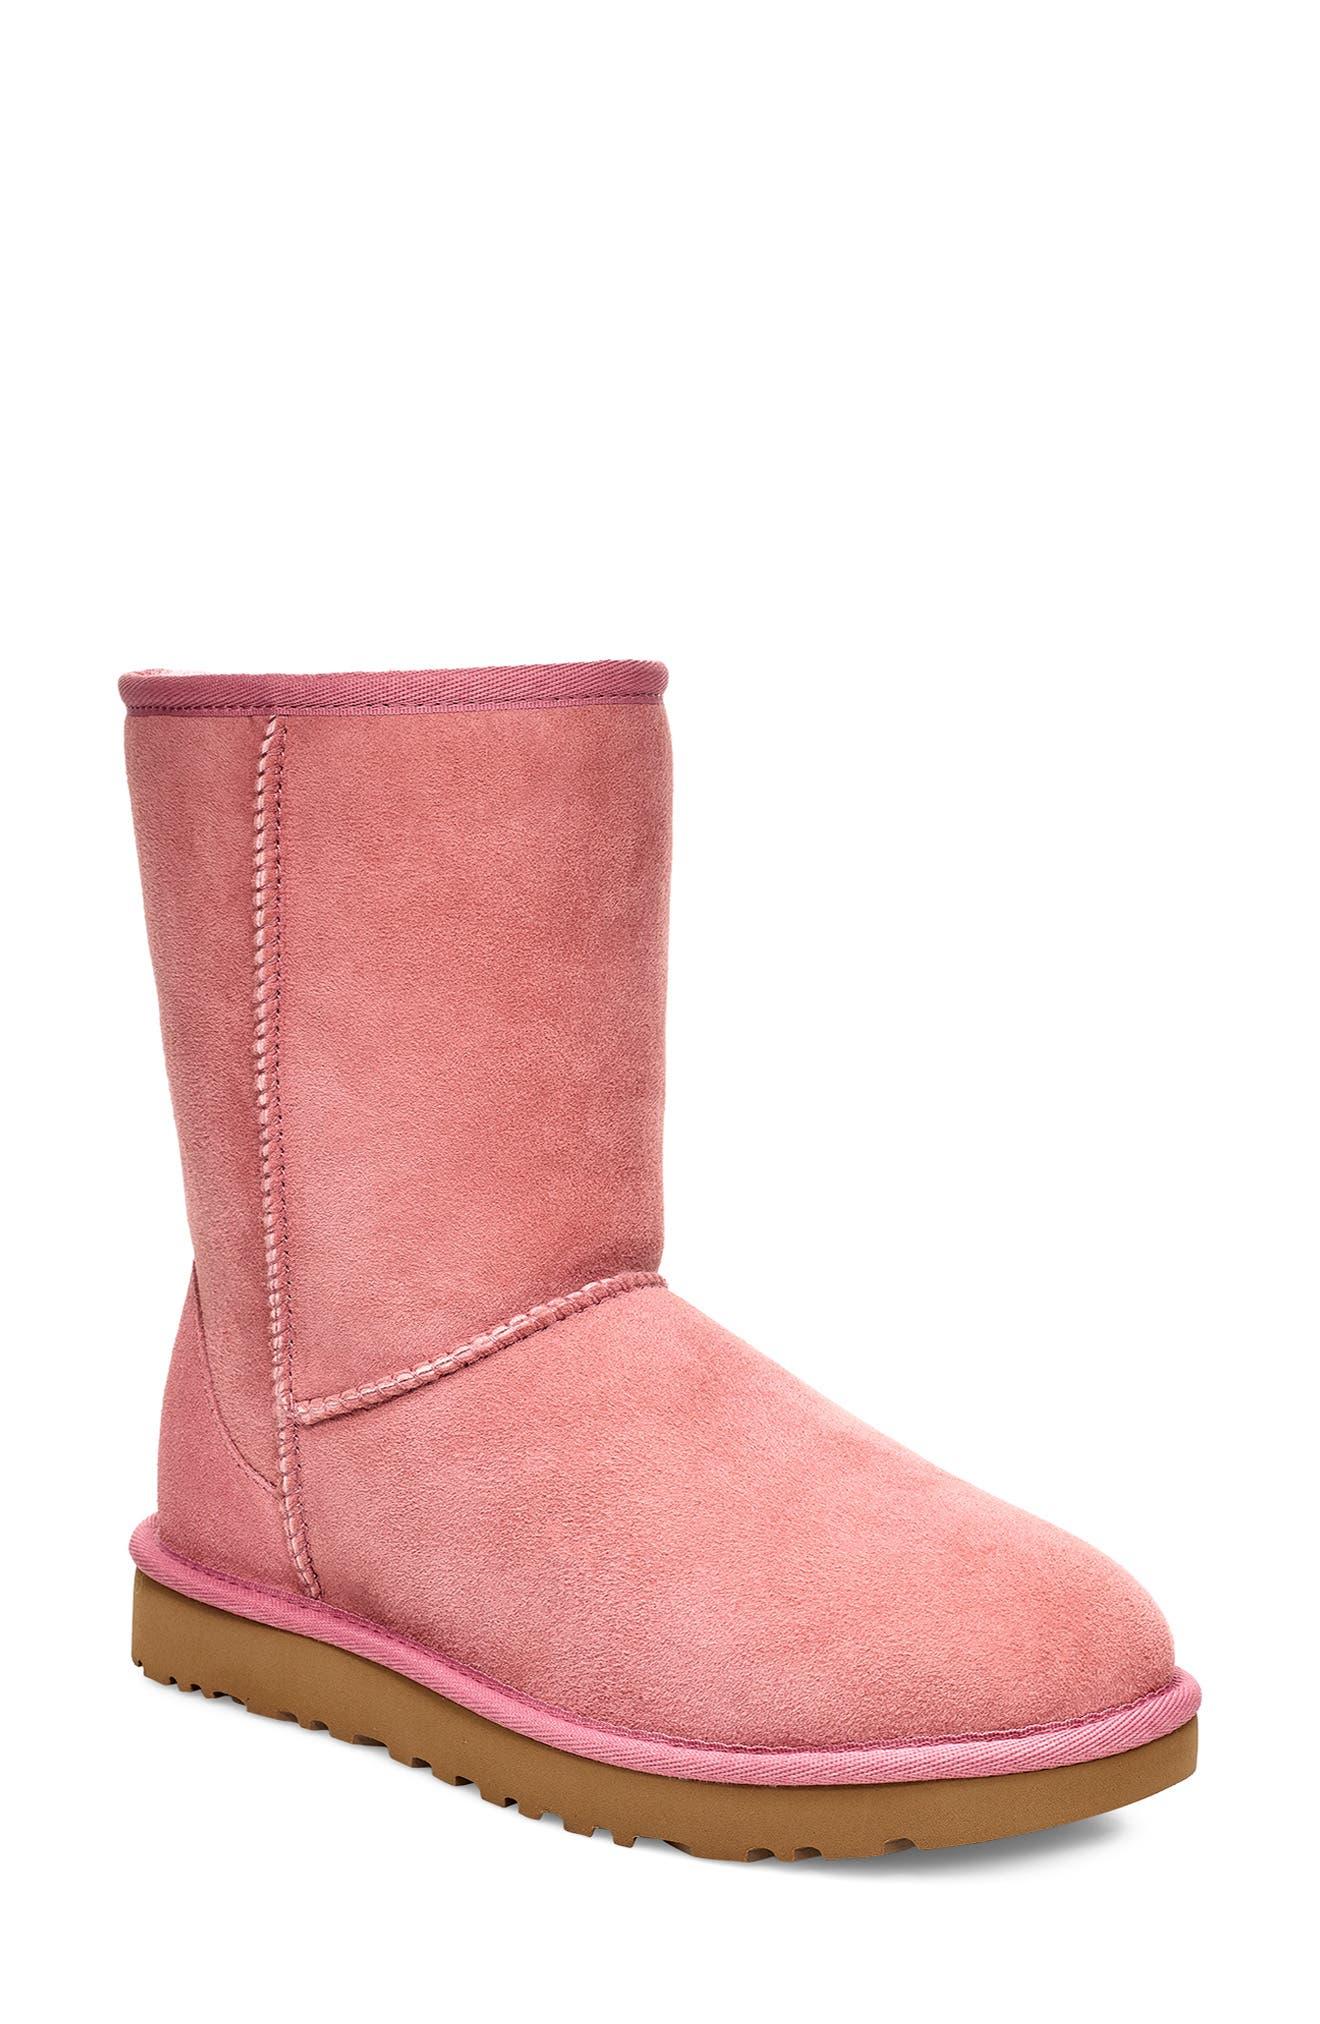 pink ugg shoes nordstrom rh shop nordstrom com